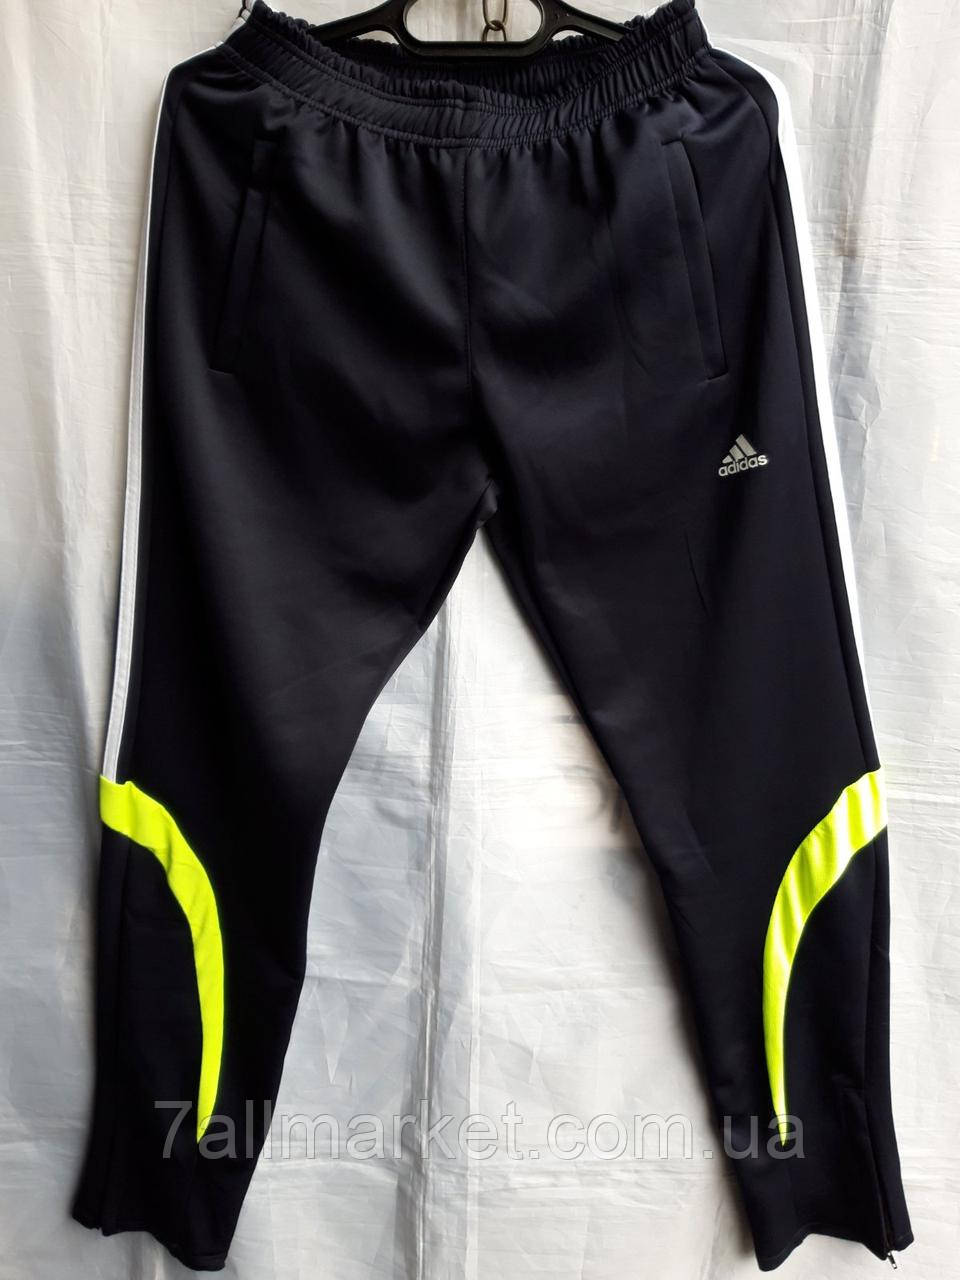 """Спортивные штаны мужские ADYDAS дайвинг, размеры 46-52 (3цв) """"WELL"""" недорого от прямого поставщика"""